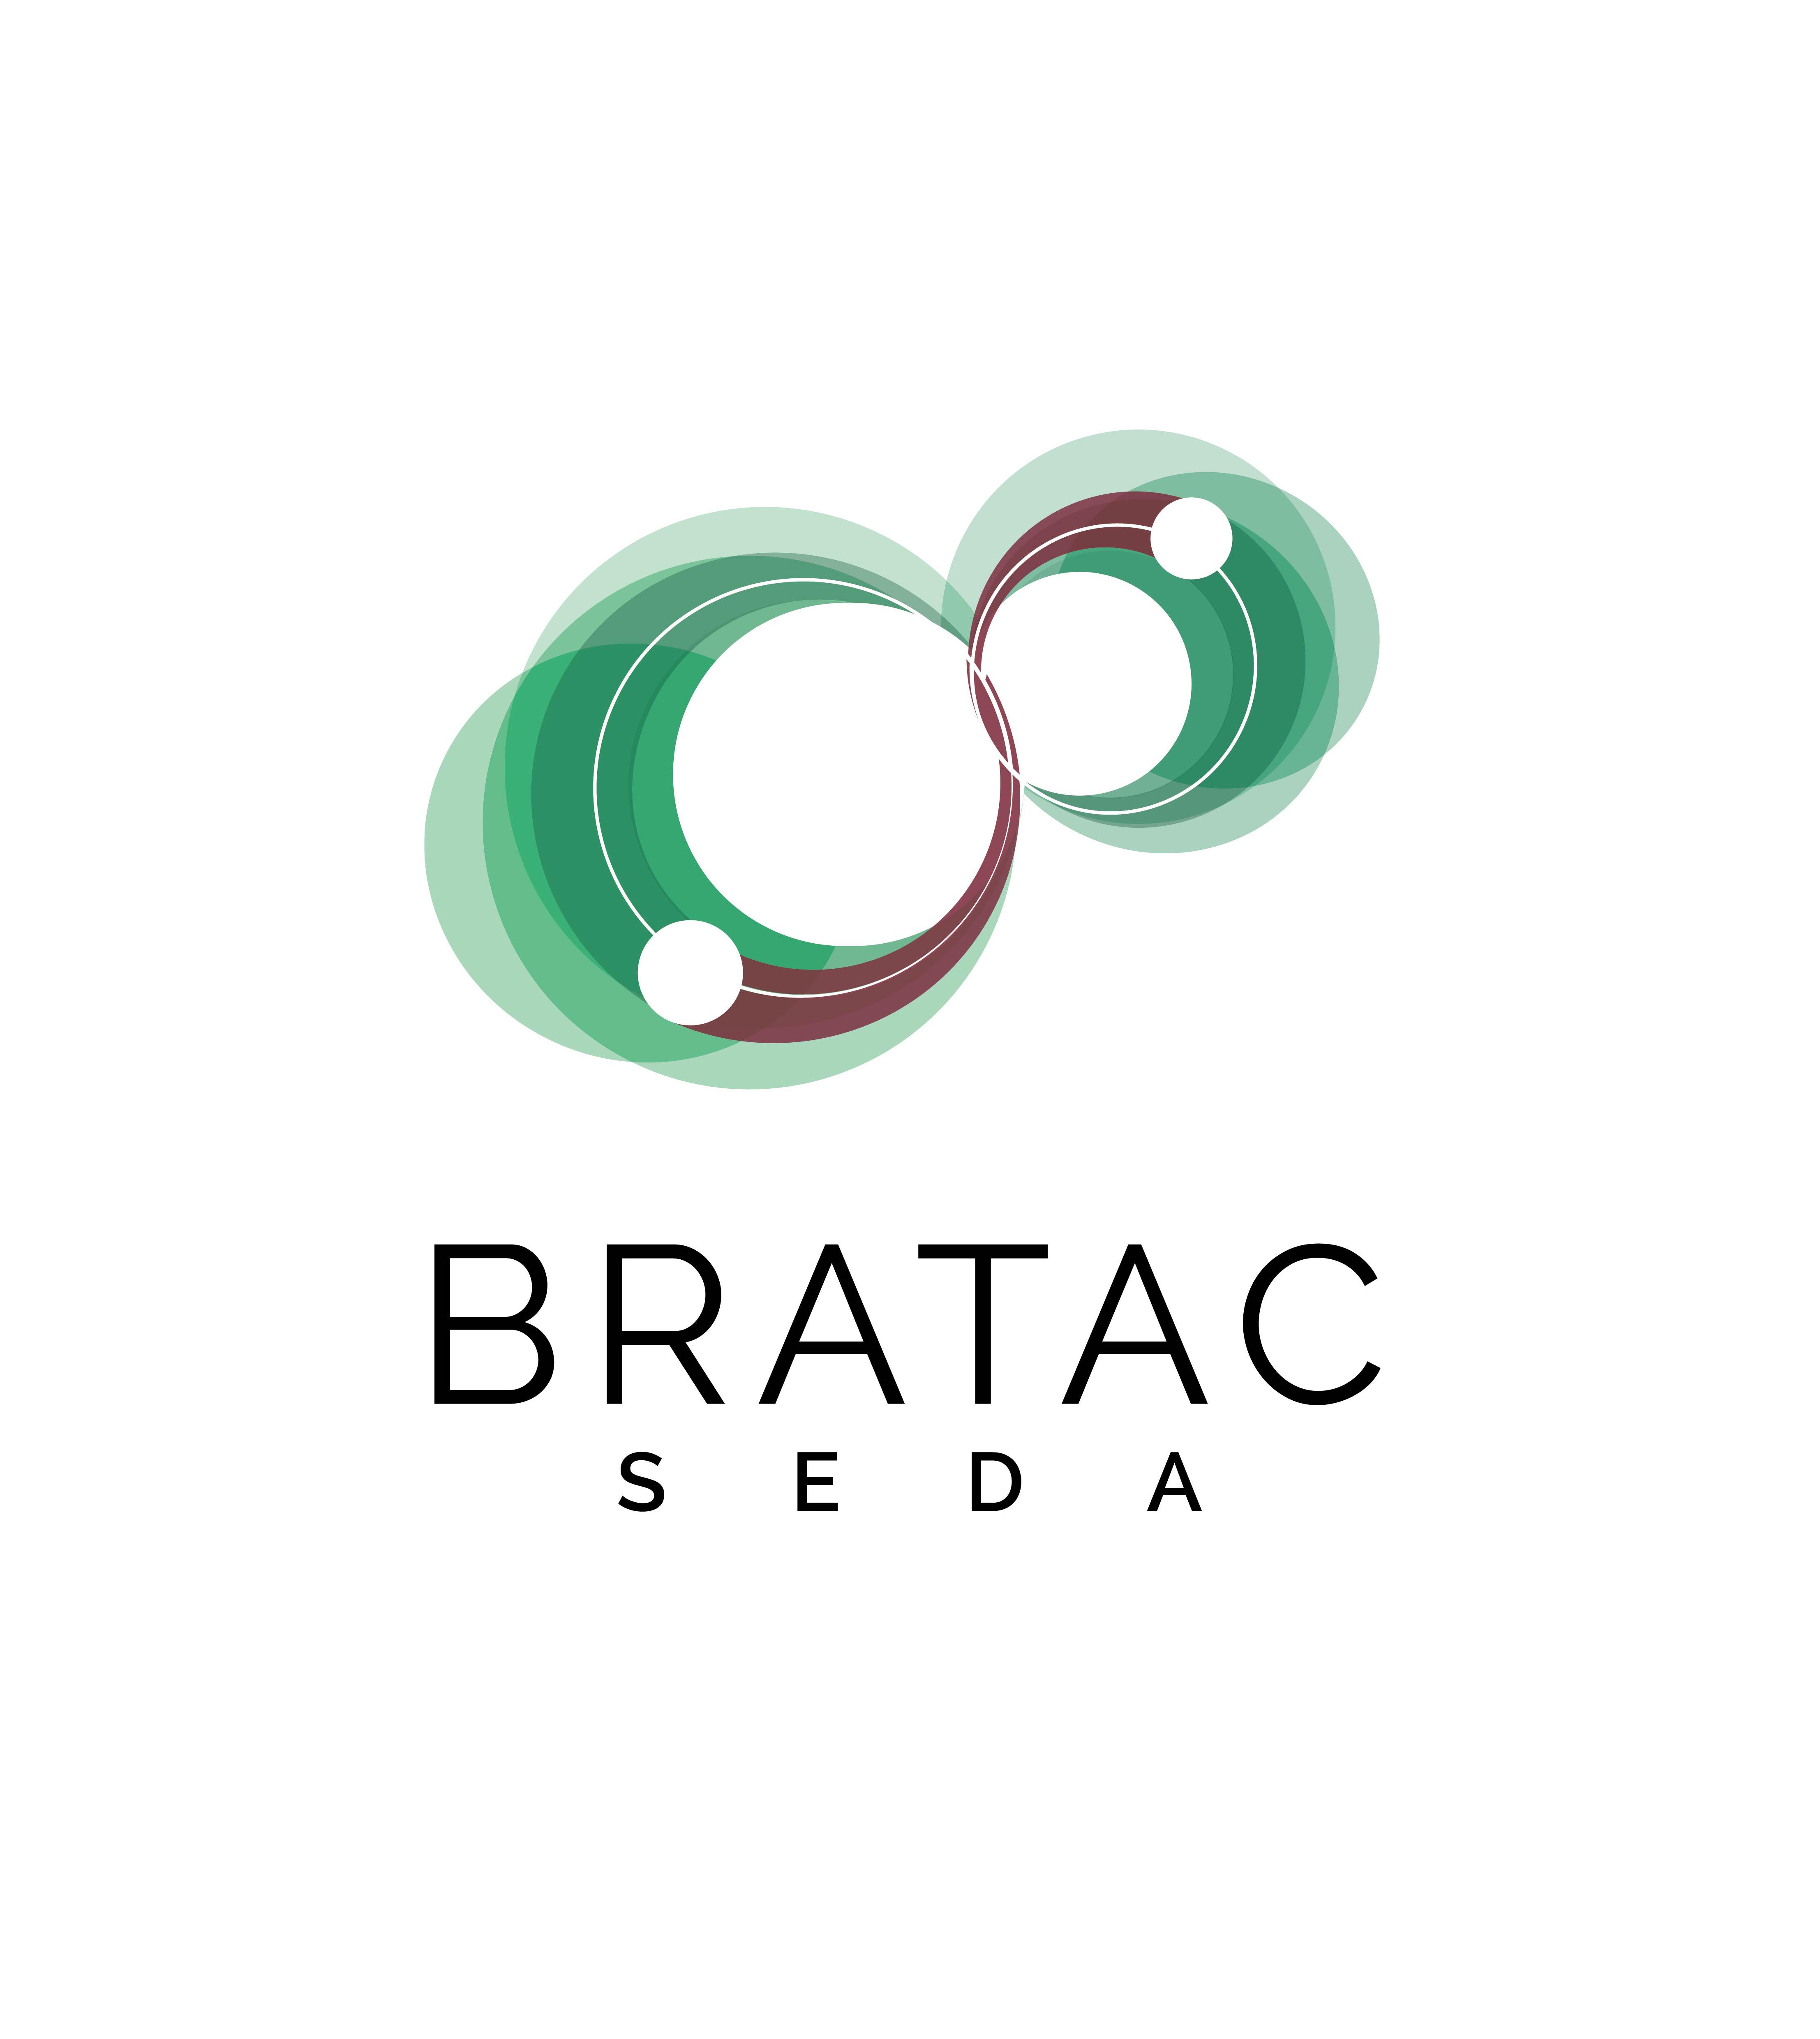 BRATAC